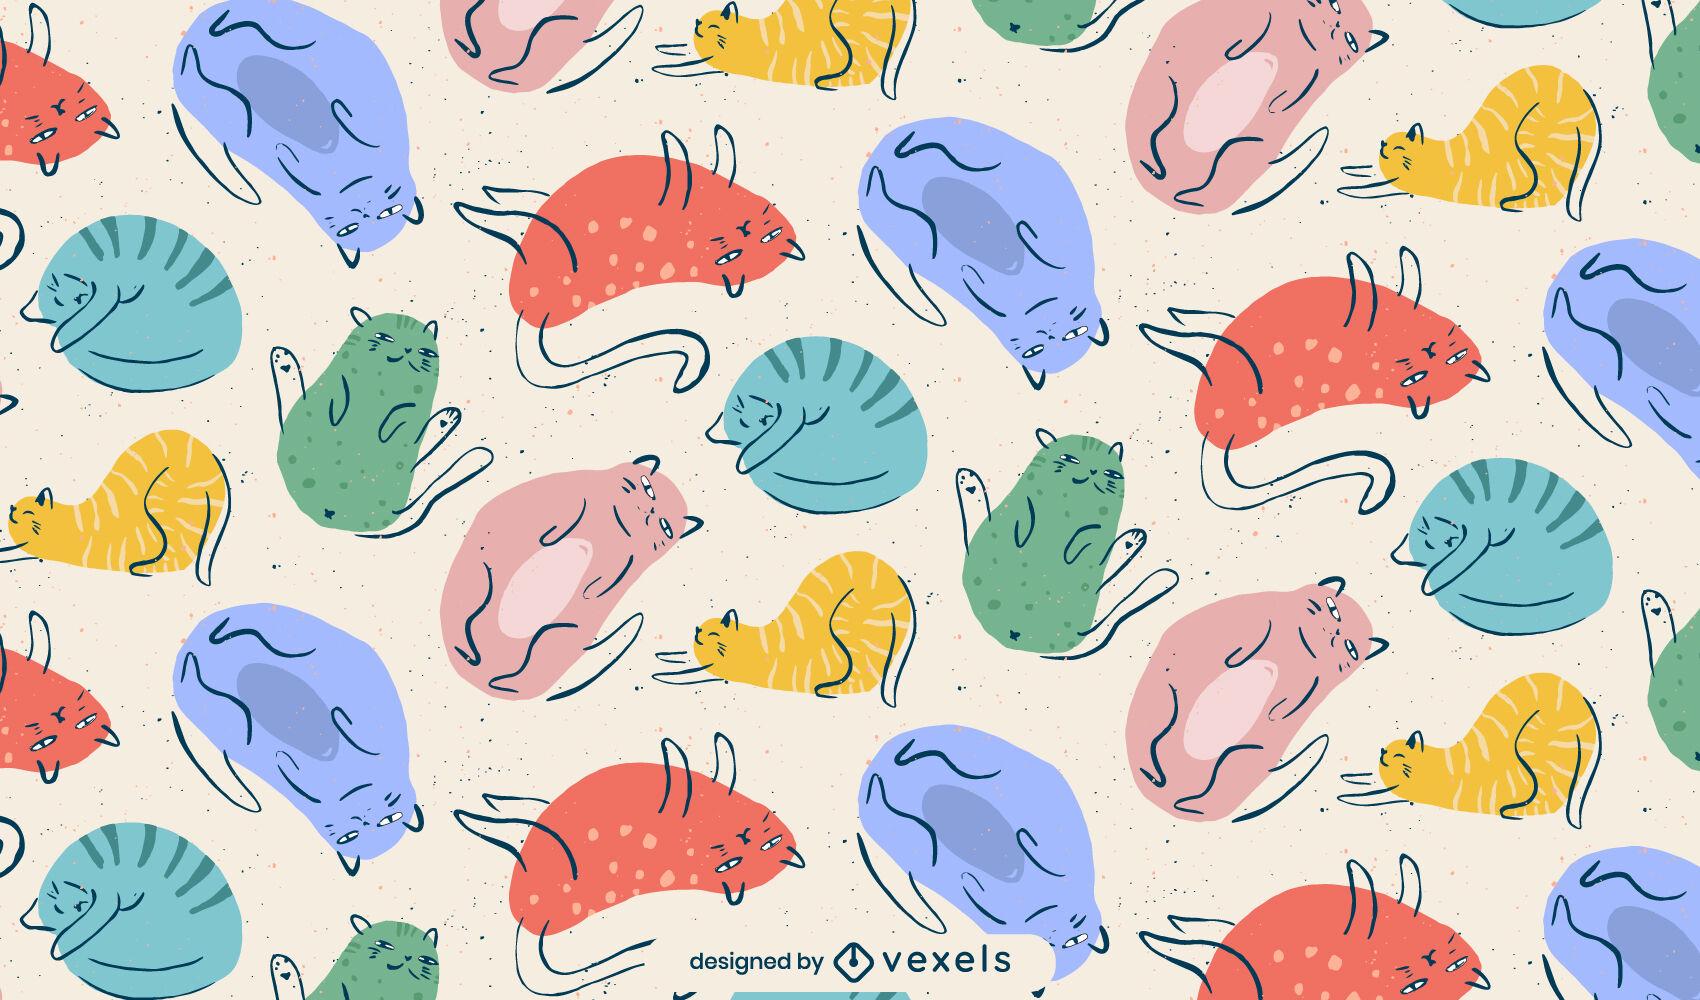 Diseño de patrón colorido doodle de animales gato